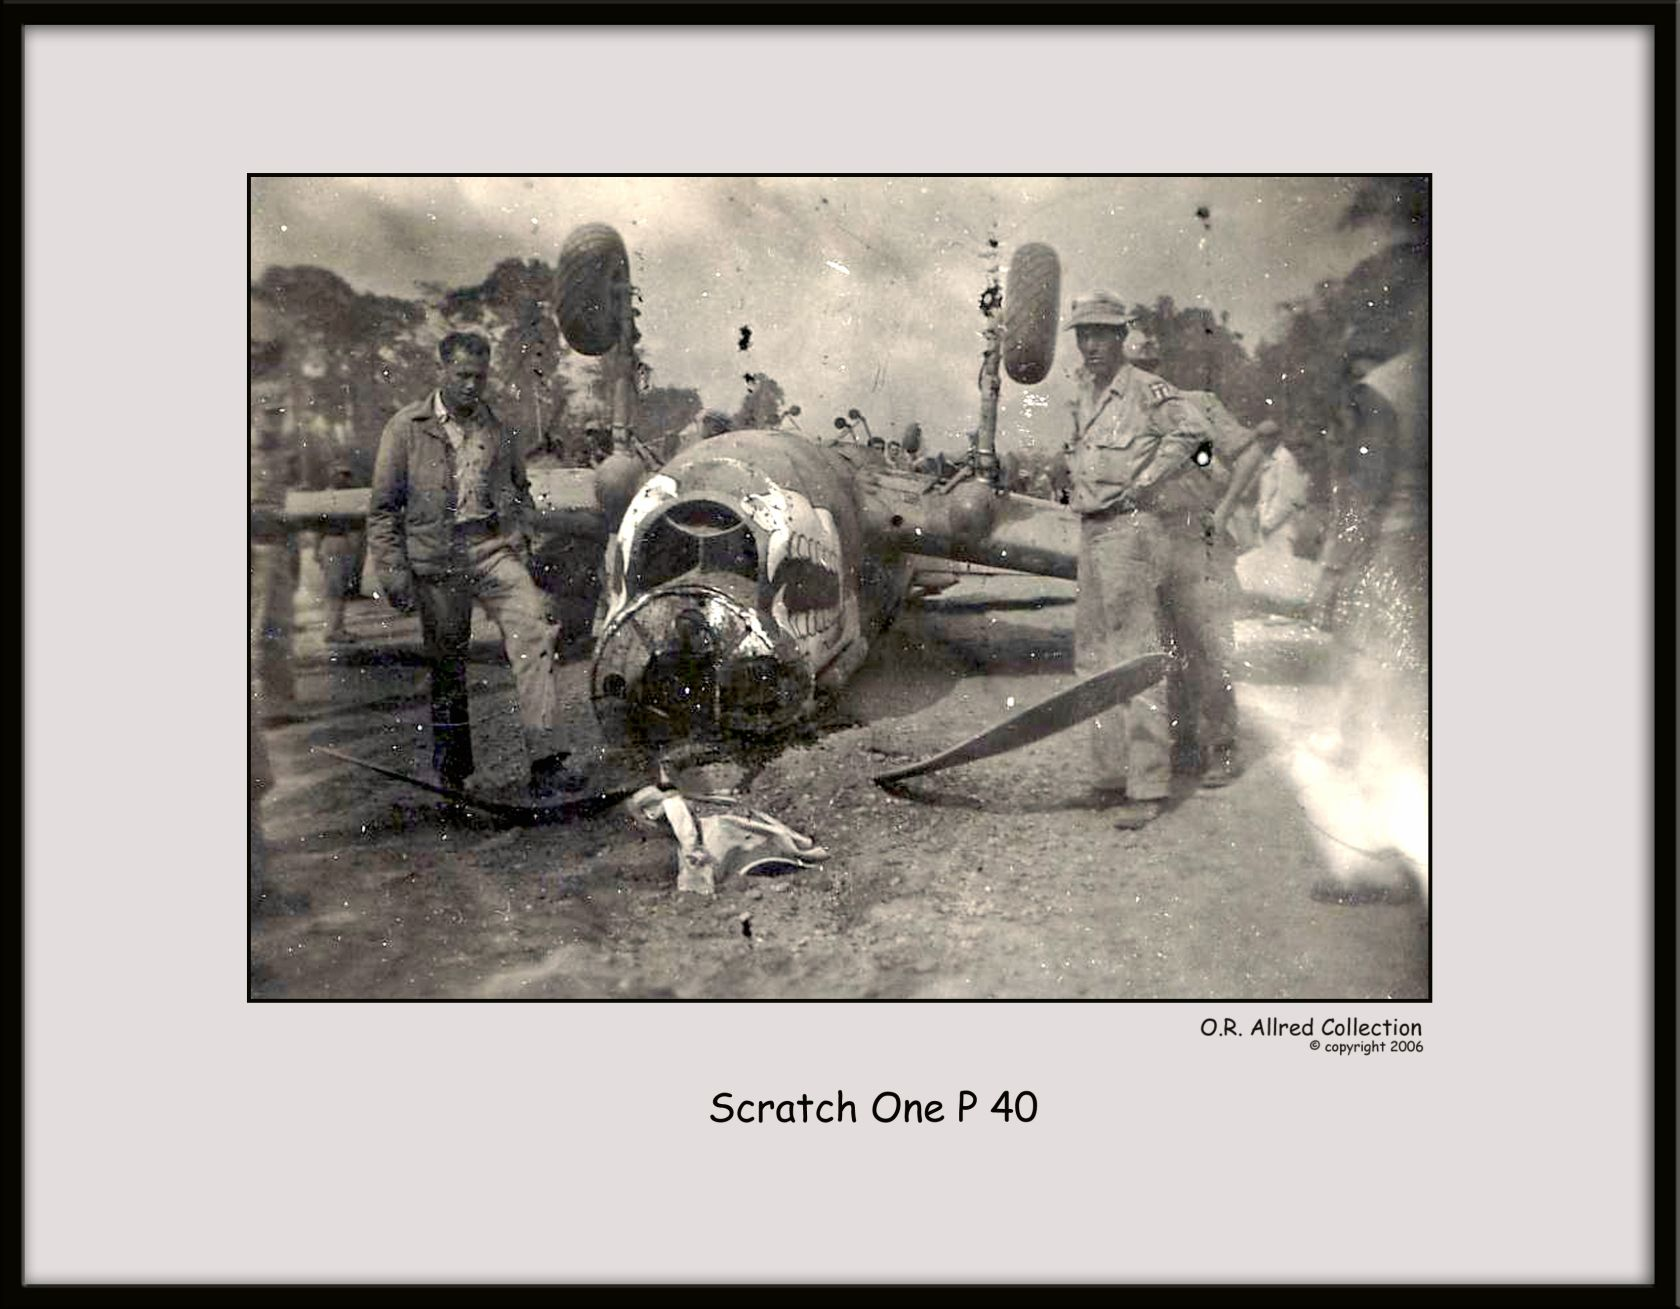 Scratch-One-P-40